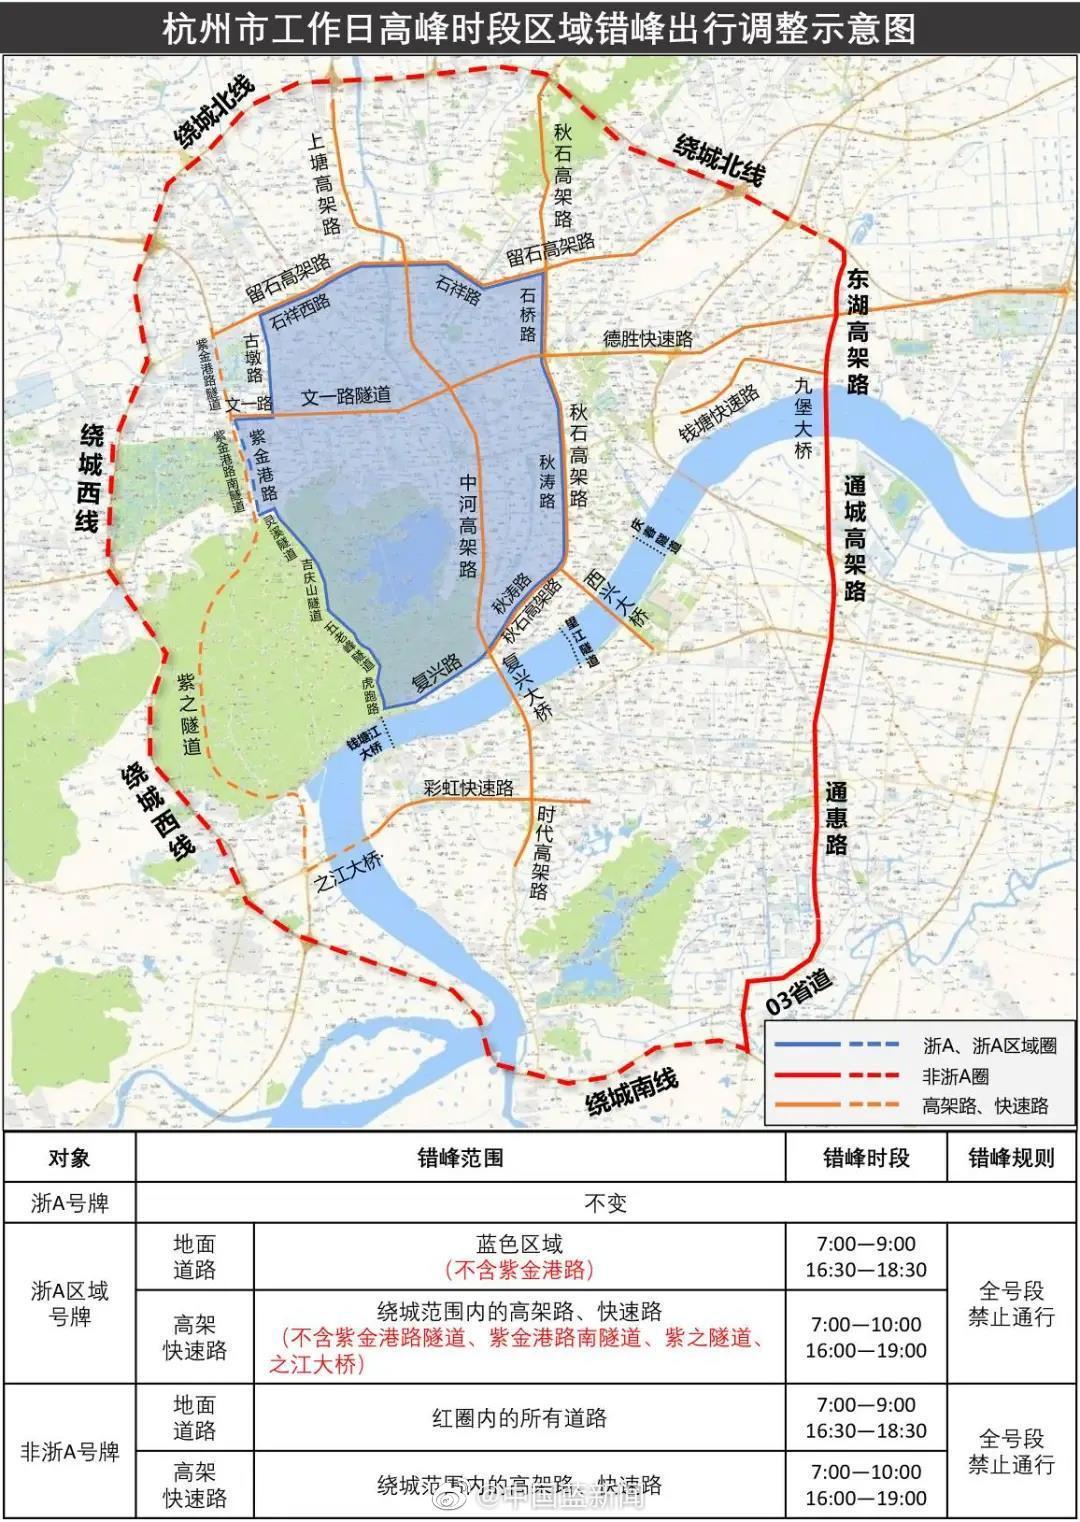 杭州小客车错峰出行范围和时段